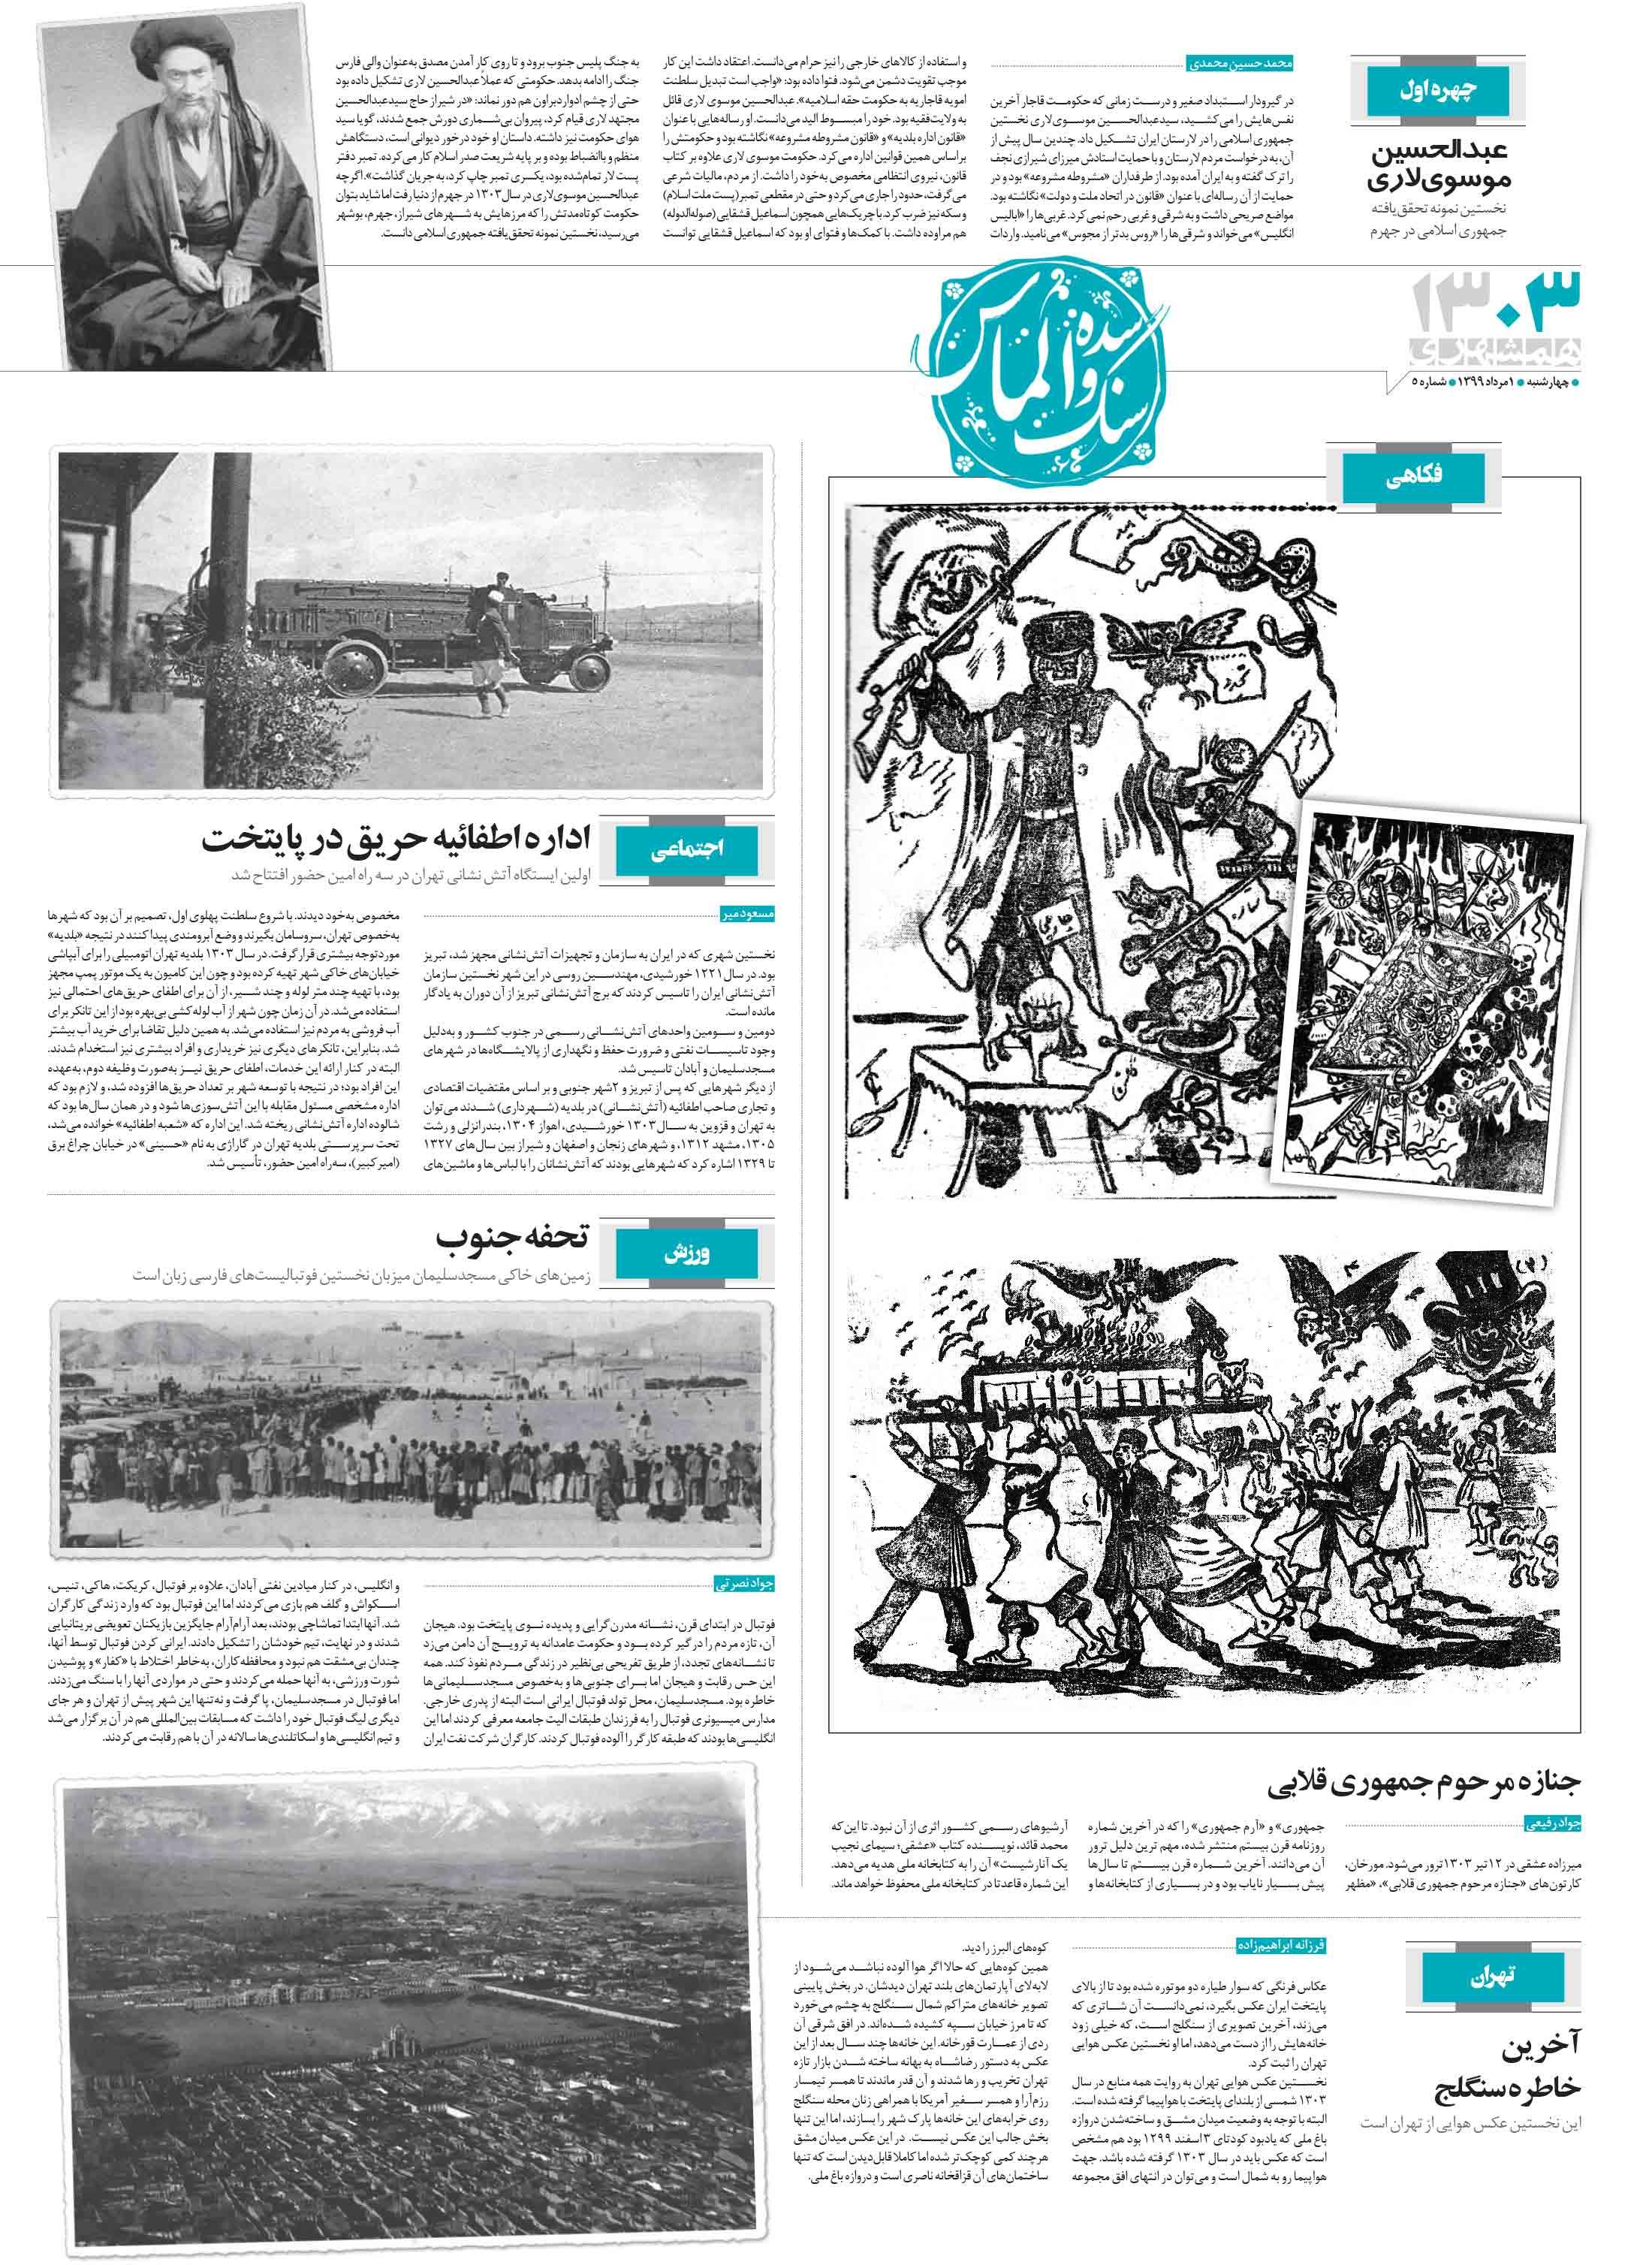 صفحات دوم و سوم